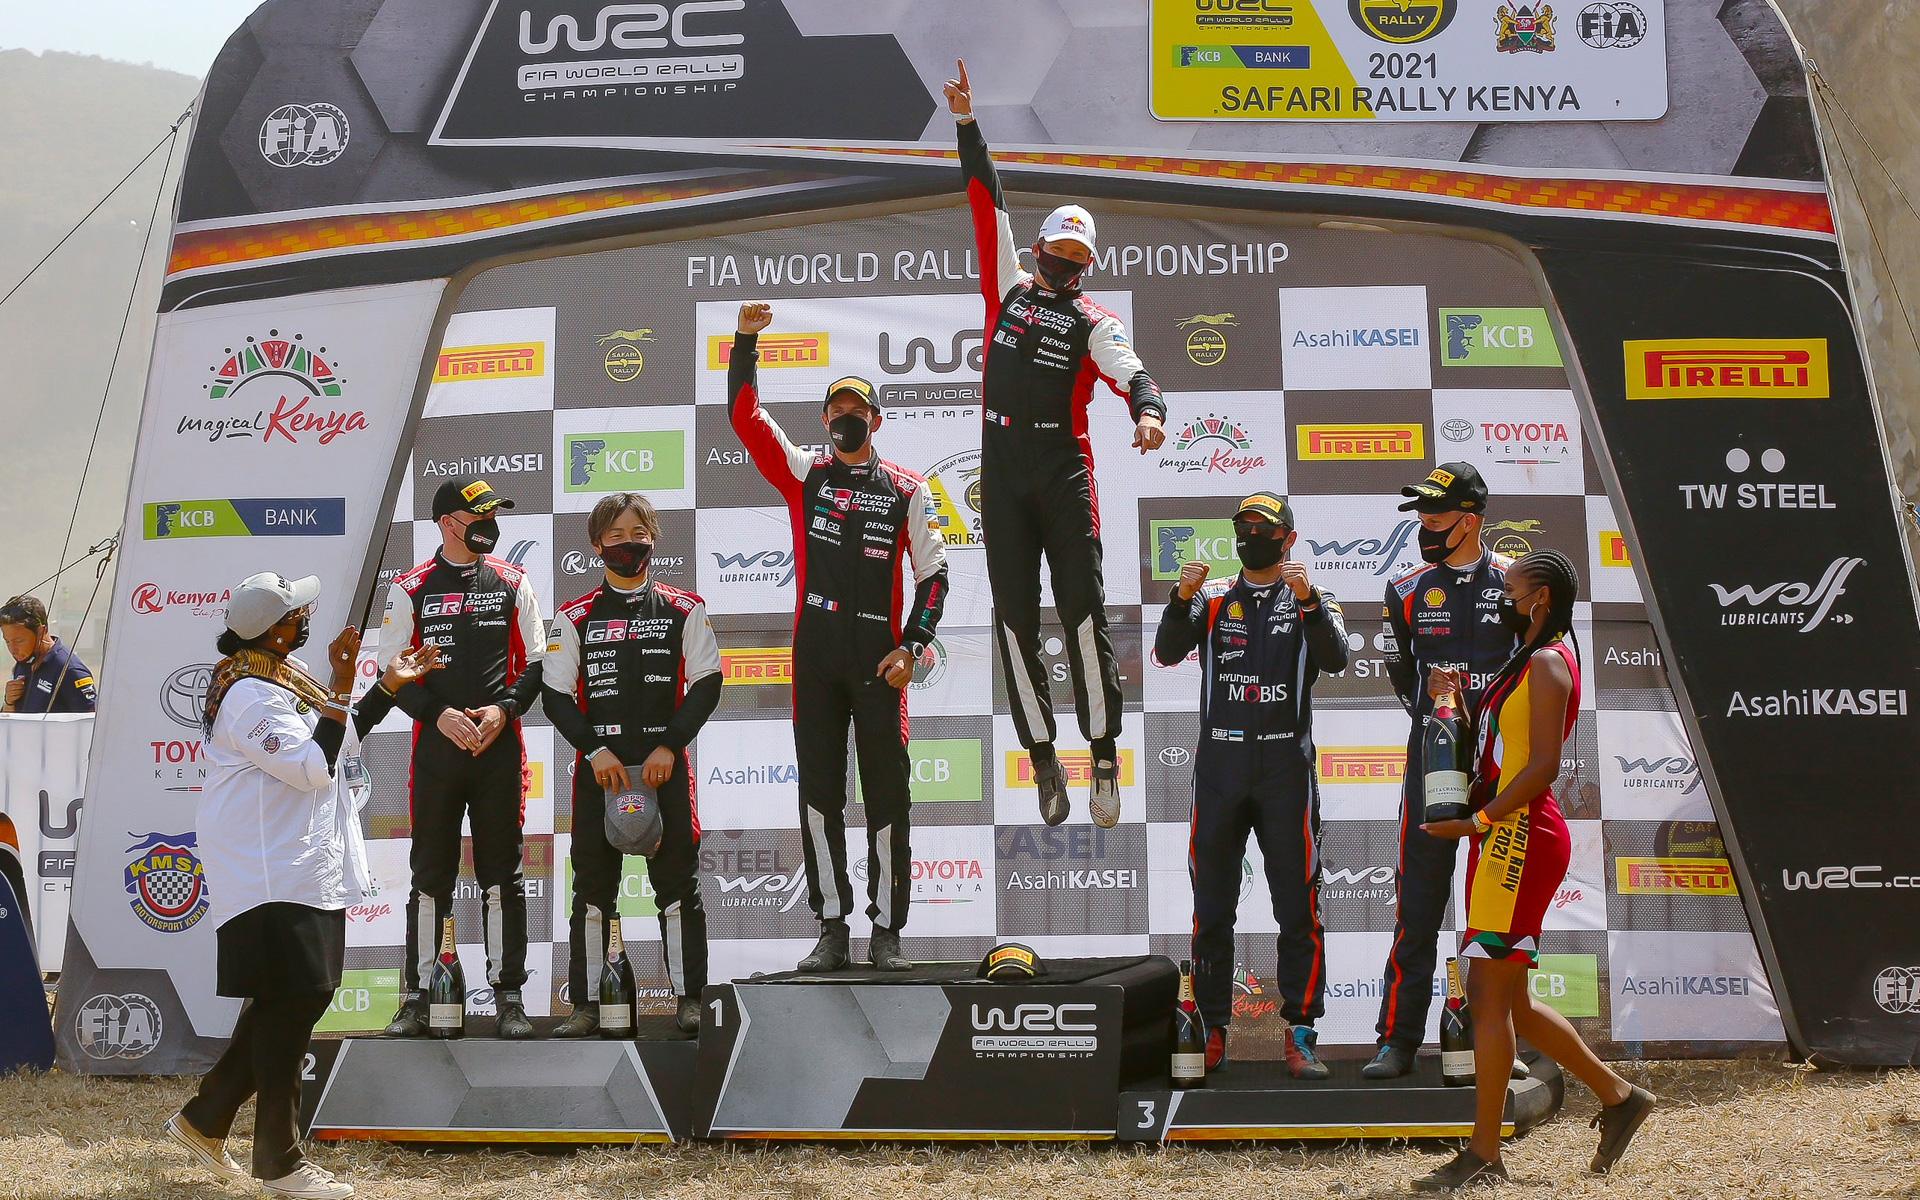 サファリラリーで1-2フィニッシュを達成したTOYOTA GAZOO Racing。中央が優勝したセバスチャン・オジエ/ジュリアン・イングラシア組。左が2位の勝田貴元/ダニエル・バリット組